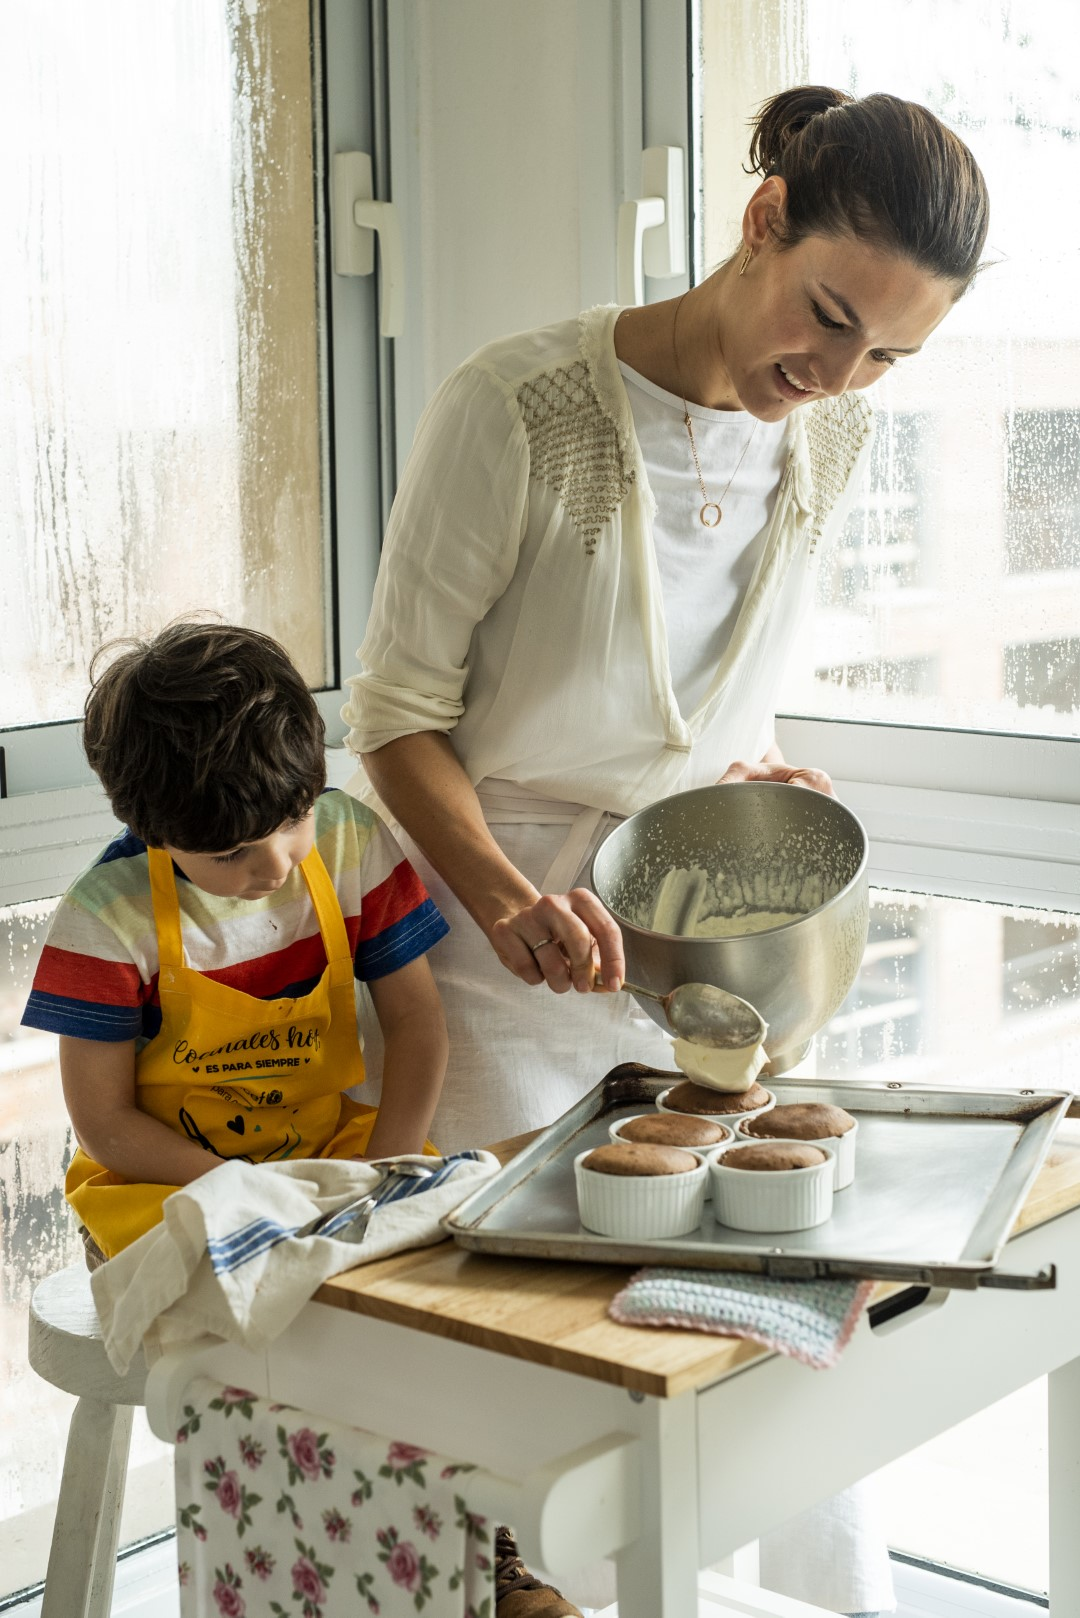 Día de la madre, marquise de chocolate, aceite de oliva, colinas de garzón, uruguay, cocinar con niños